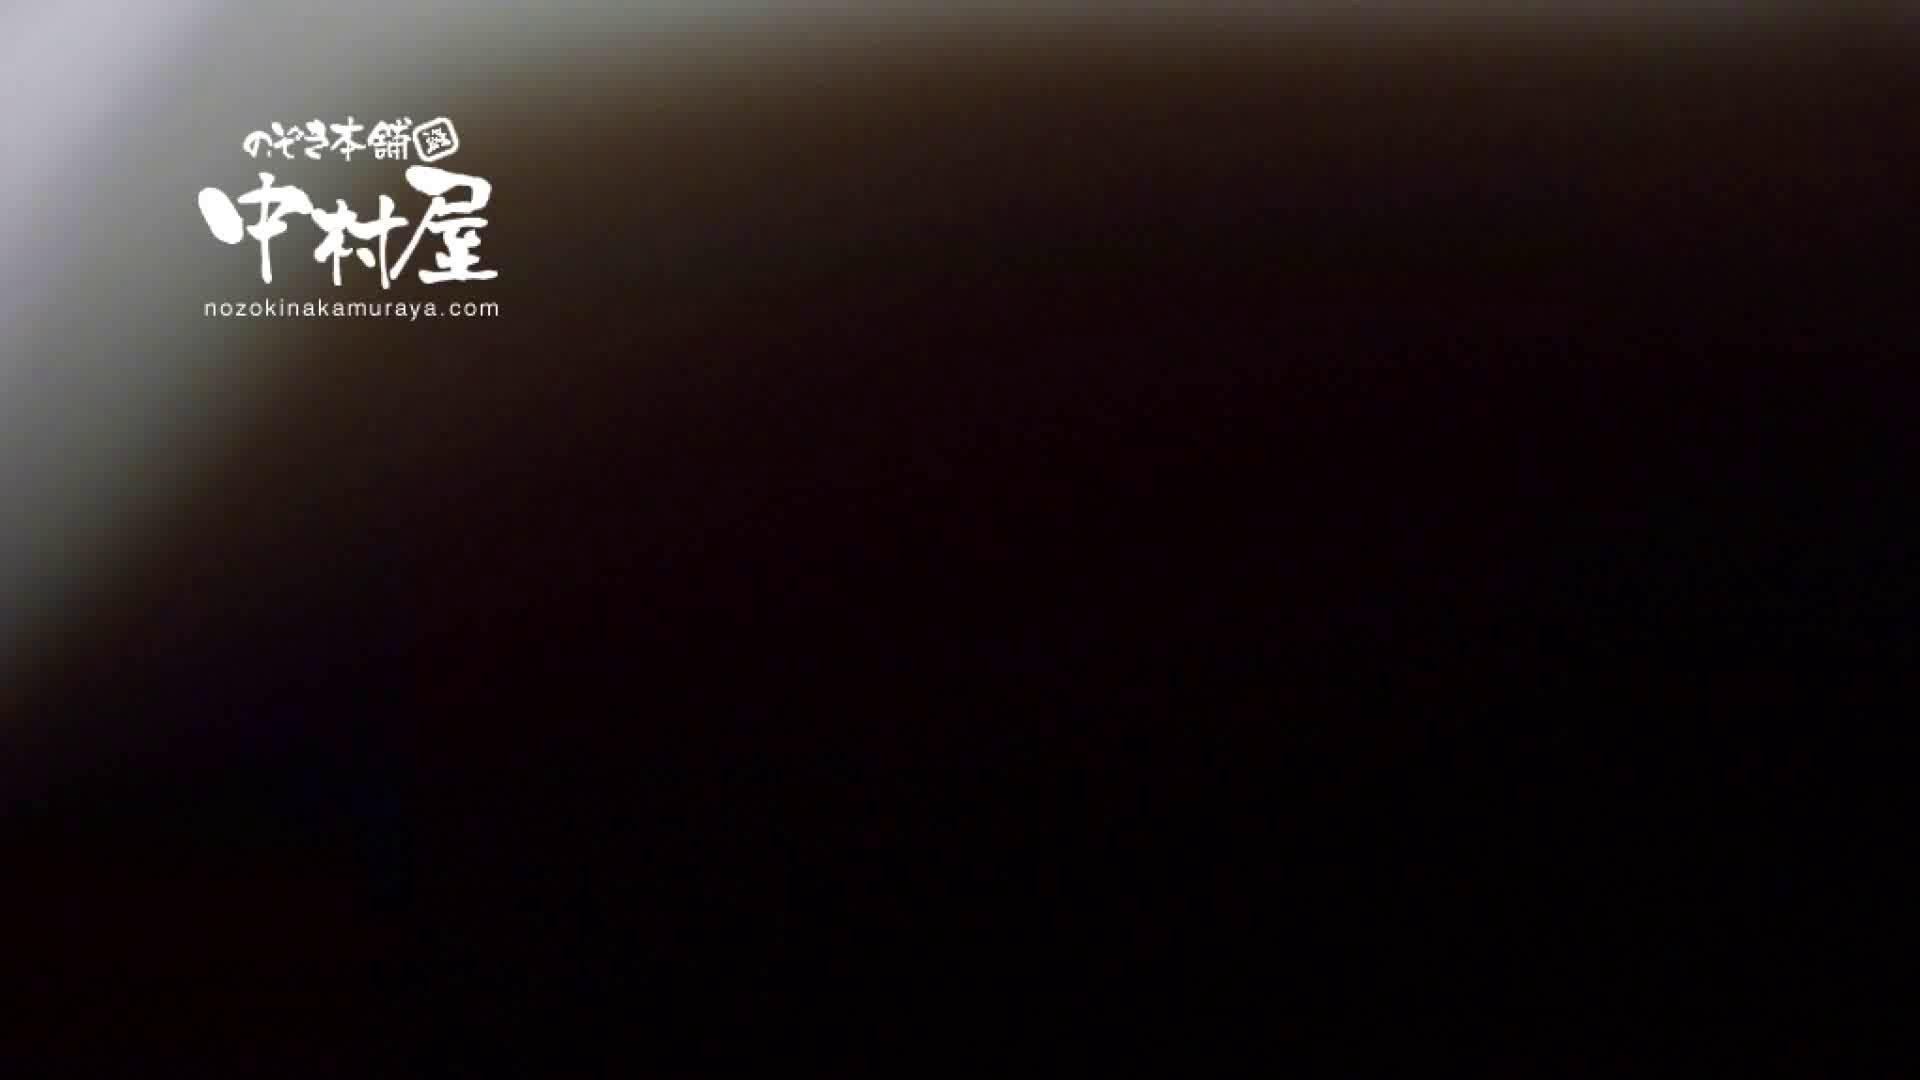 鬼畜 vol.14 小生意気なおなごにはペナルティー 後編 OLハメ撮り  98Pix 94